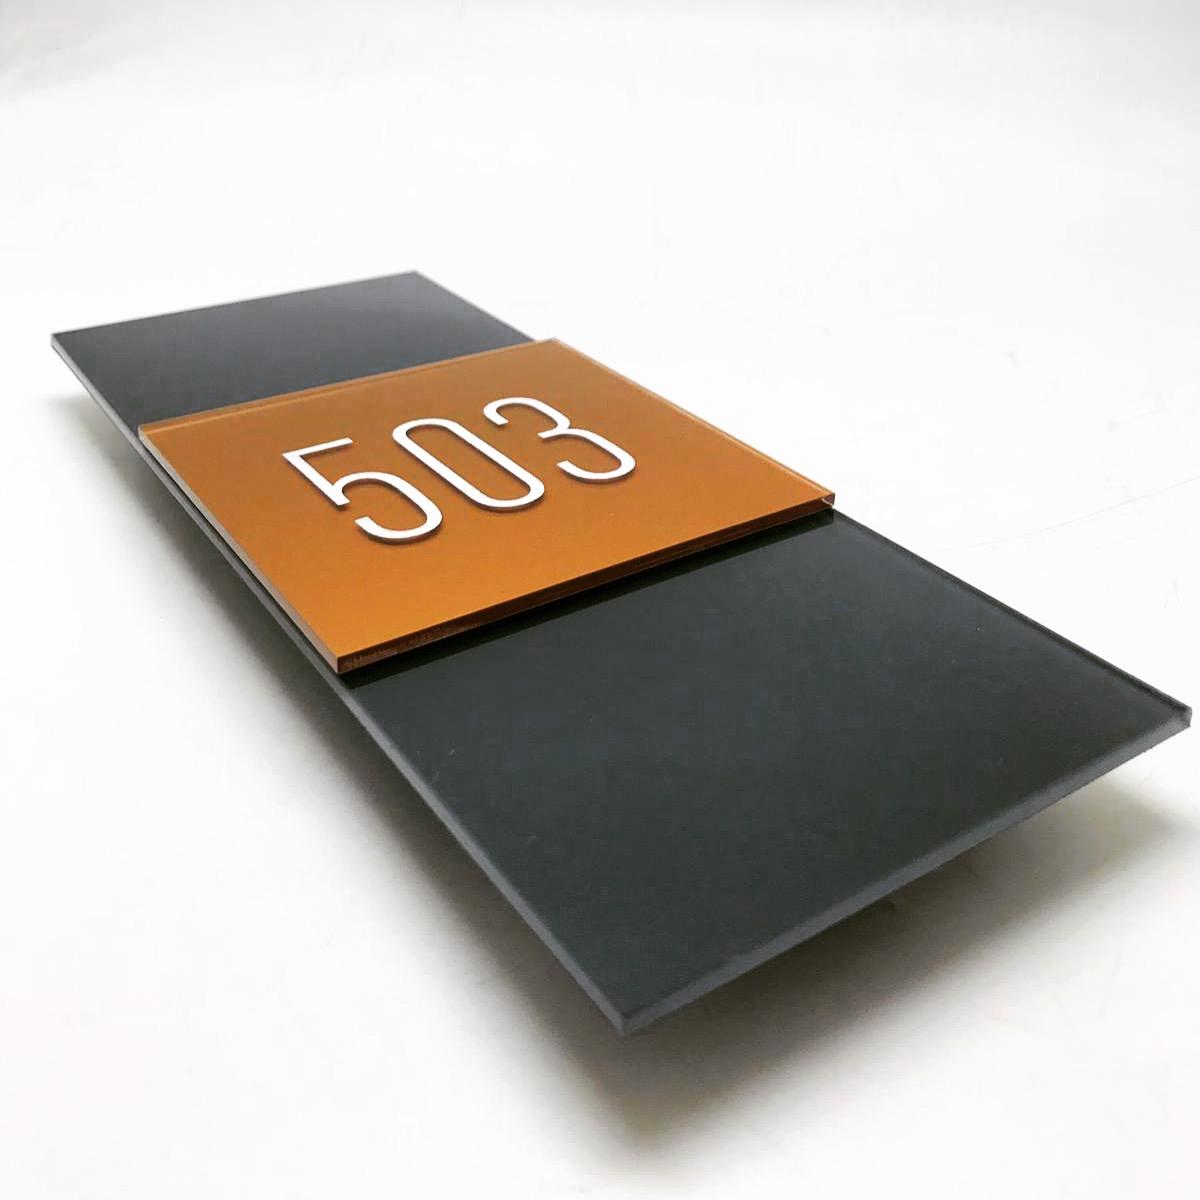 8C3428D1-AB5E-470A-A94C-1B309D64E9DF